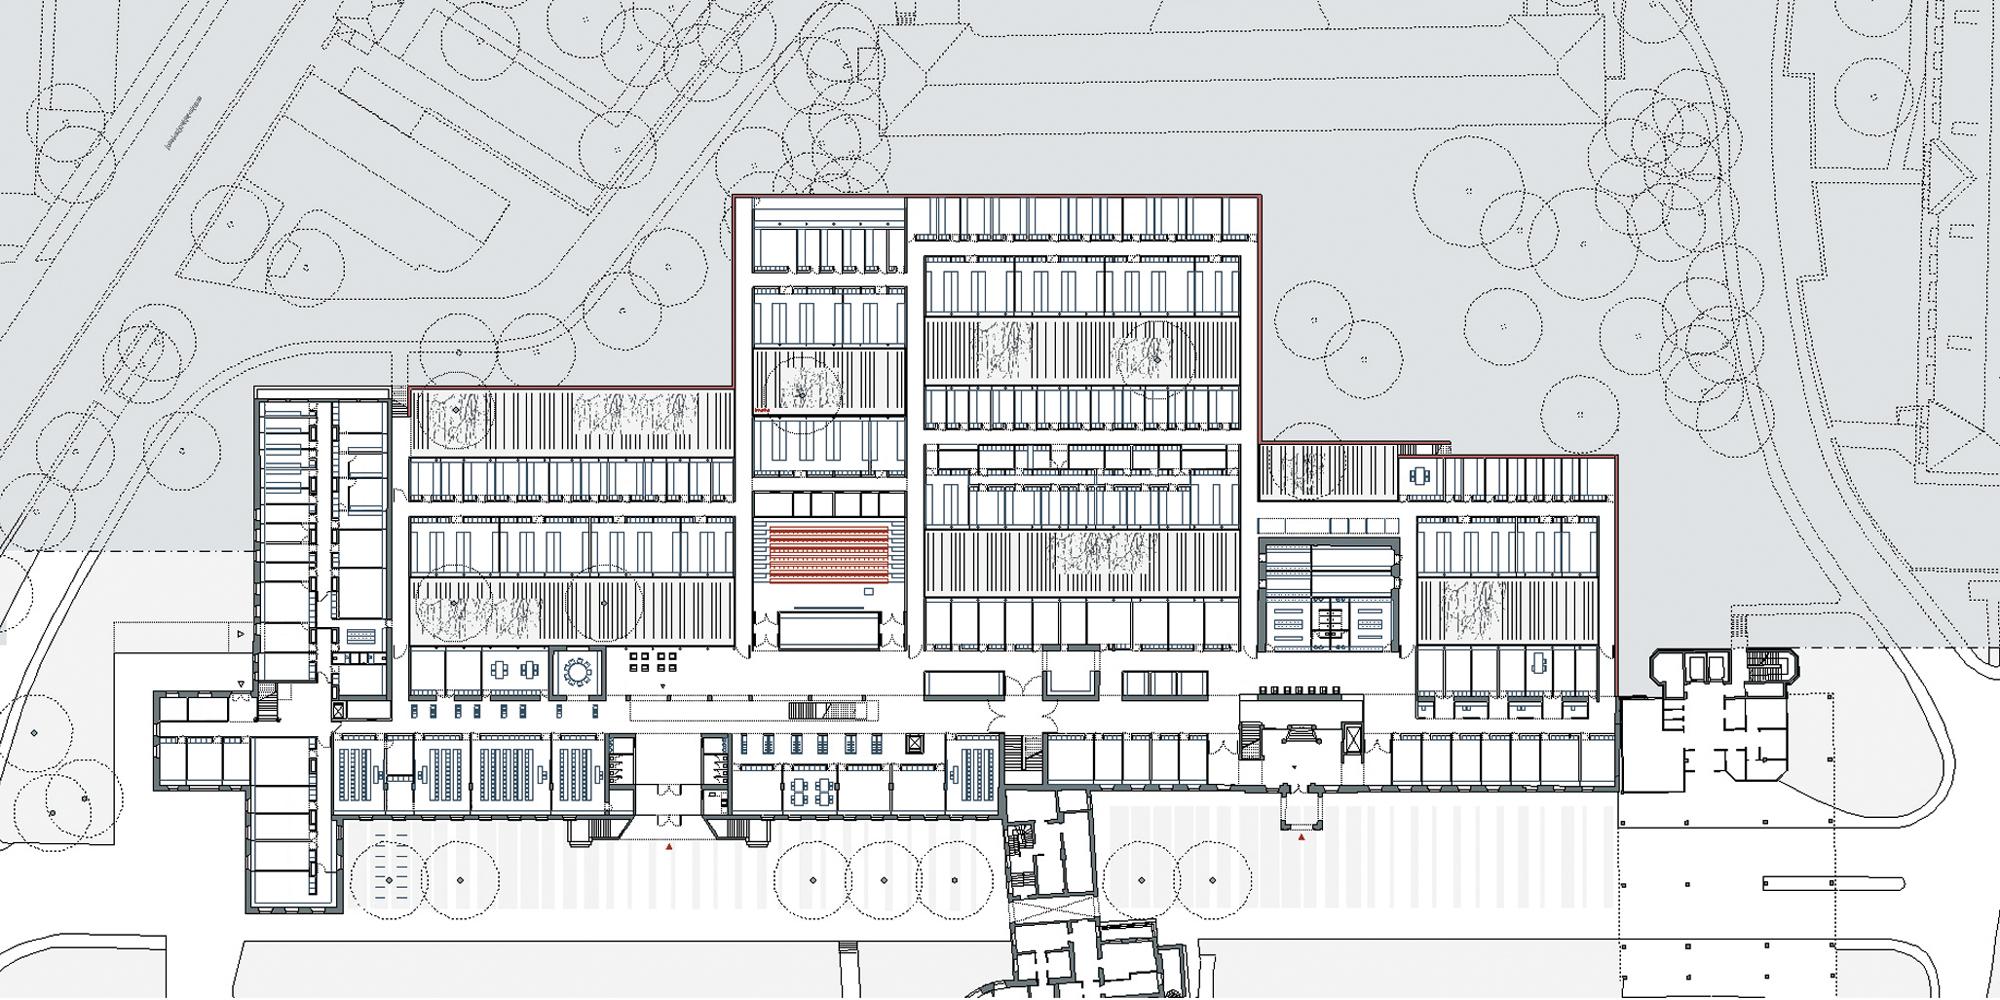 Instituts- und Laborgebaude - Grundriss